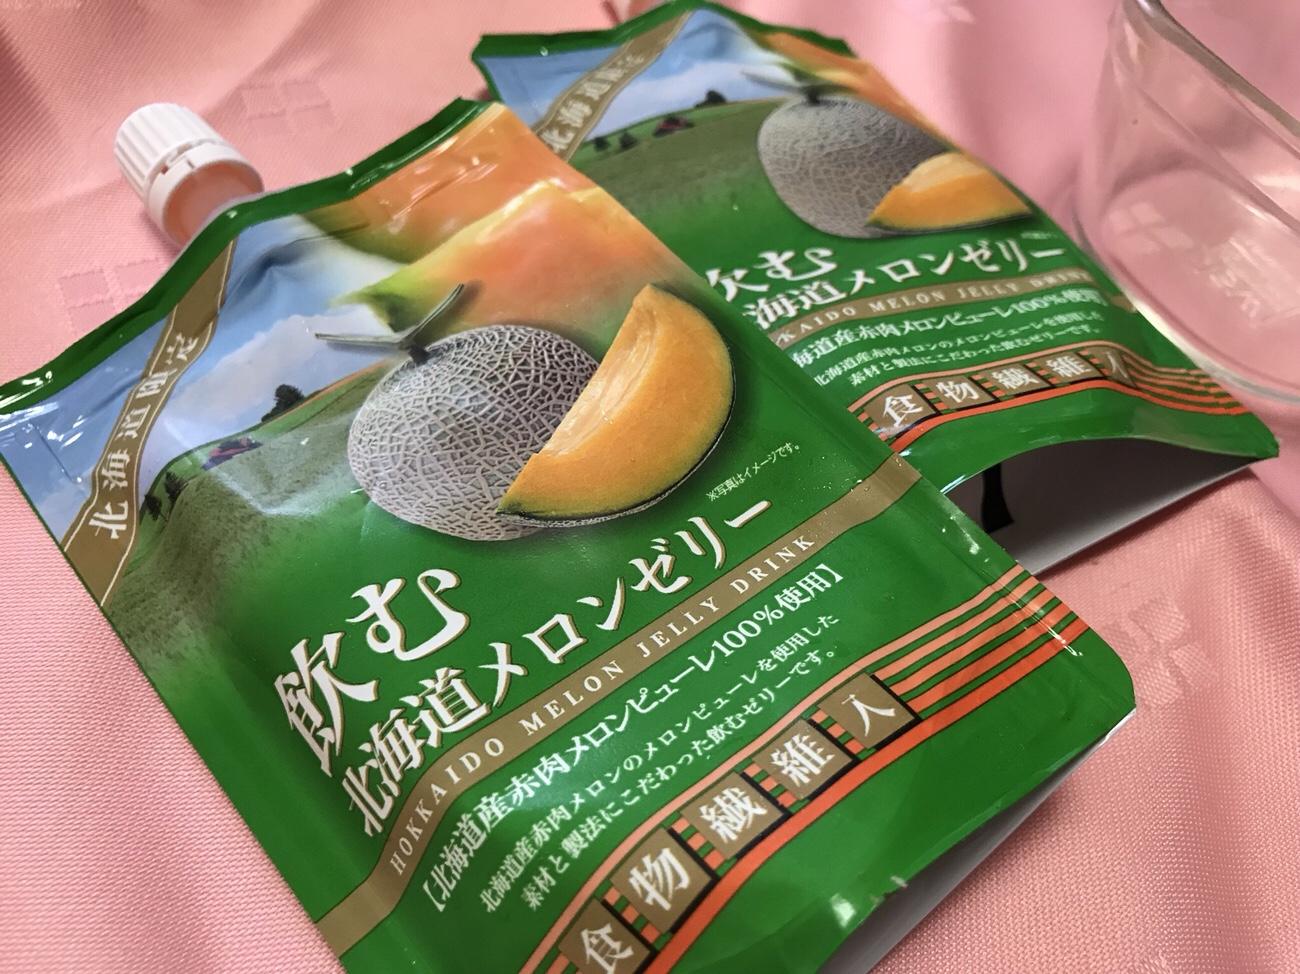 札幌土産 北海道限定 飲む北海道メロンゼリー